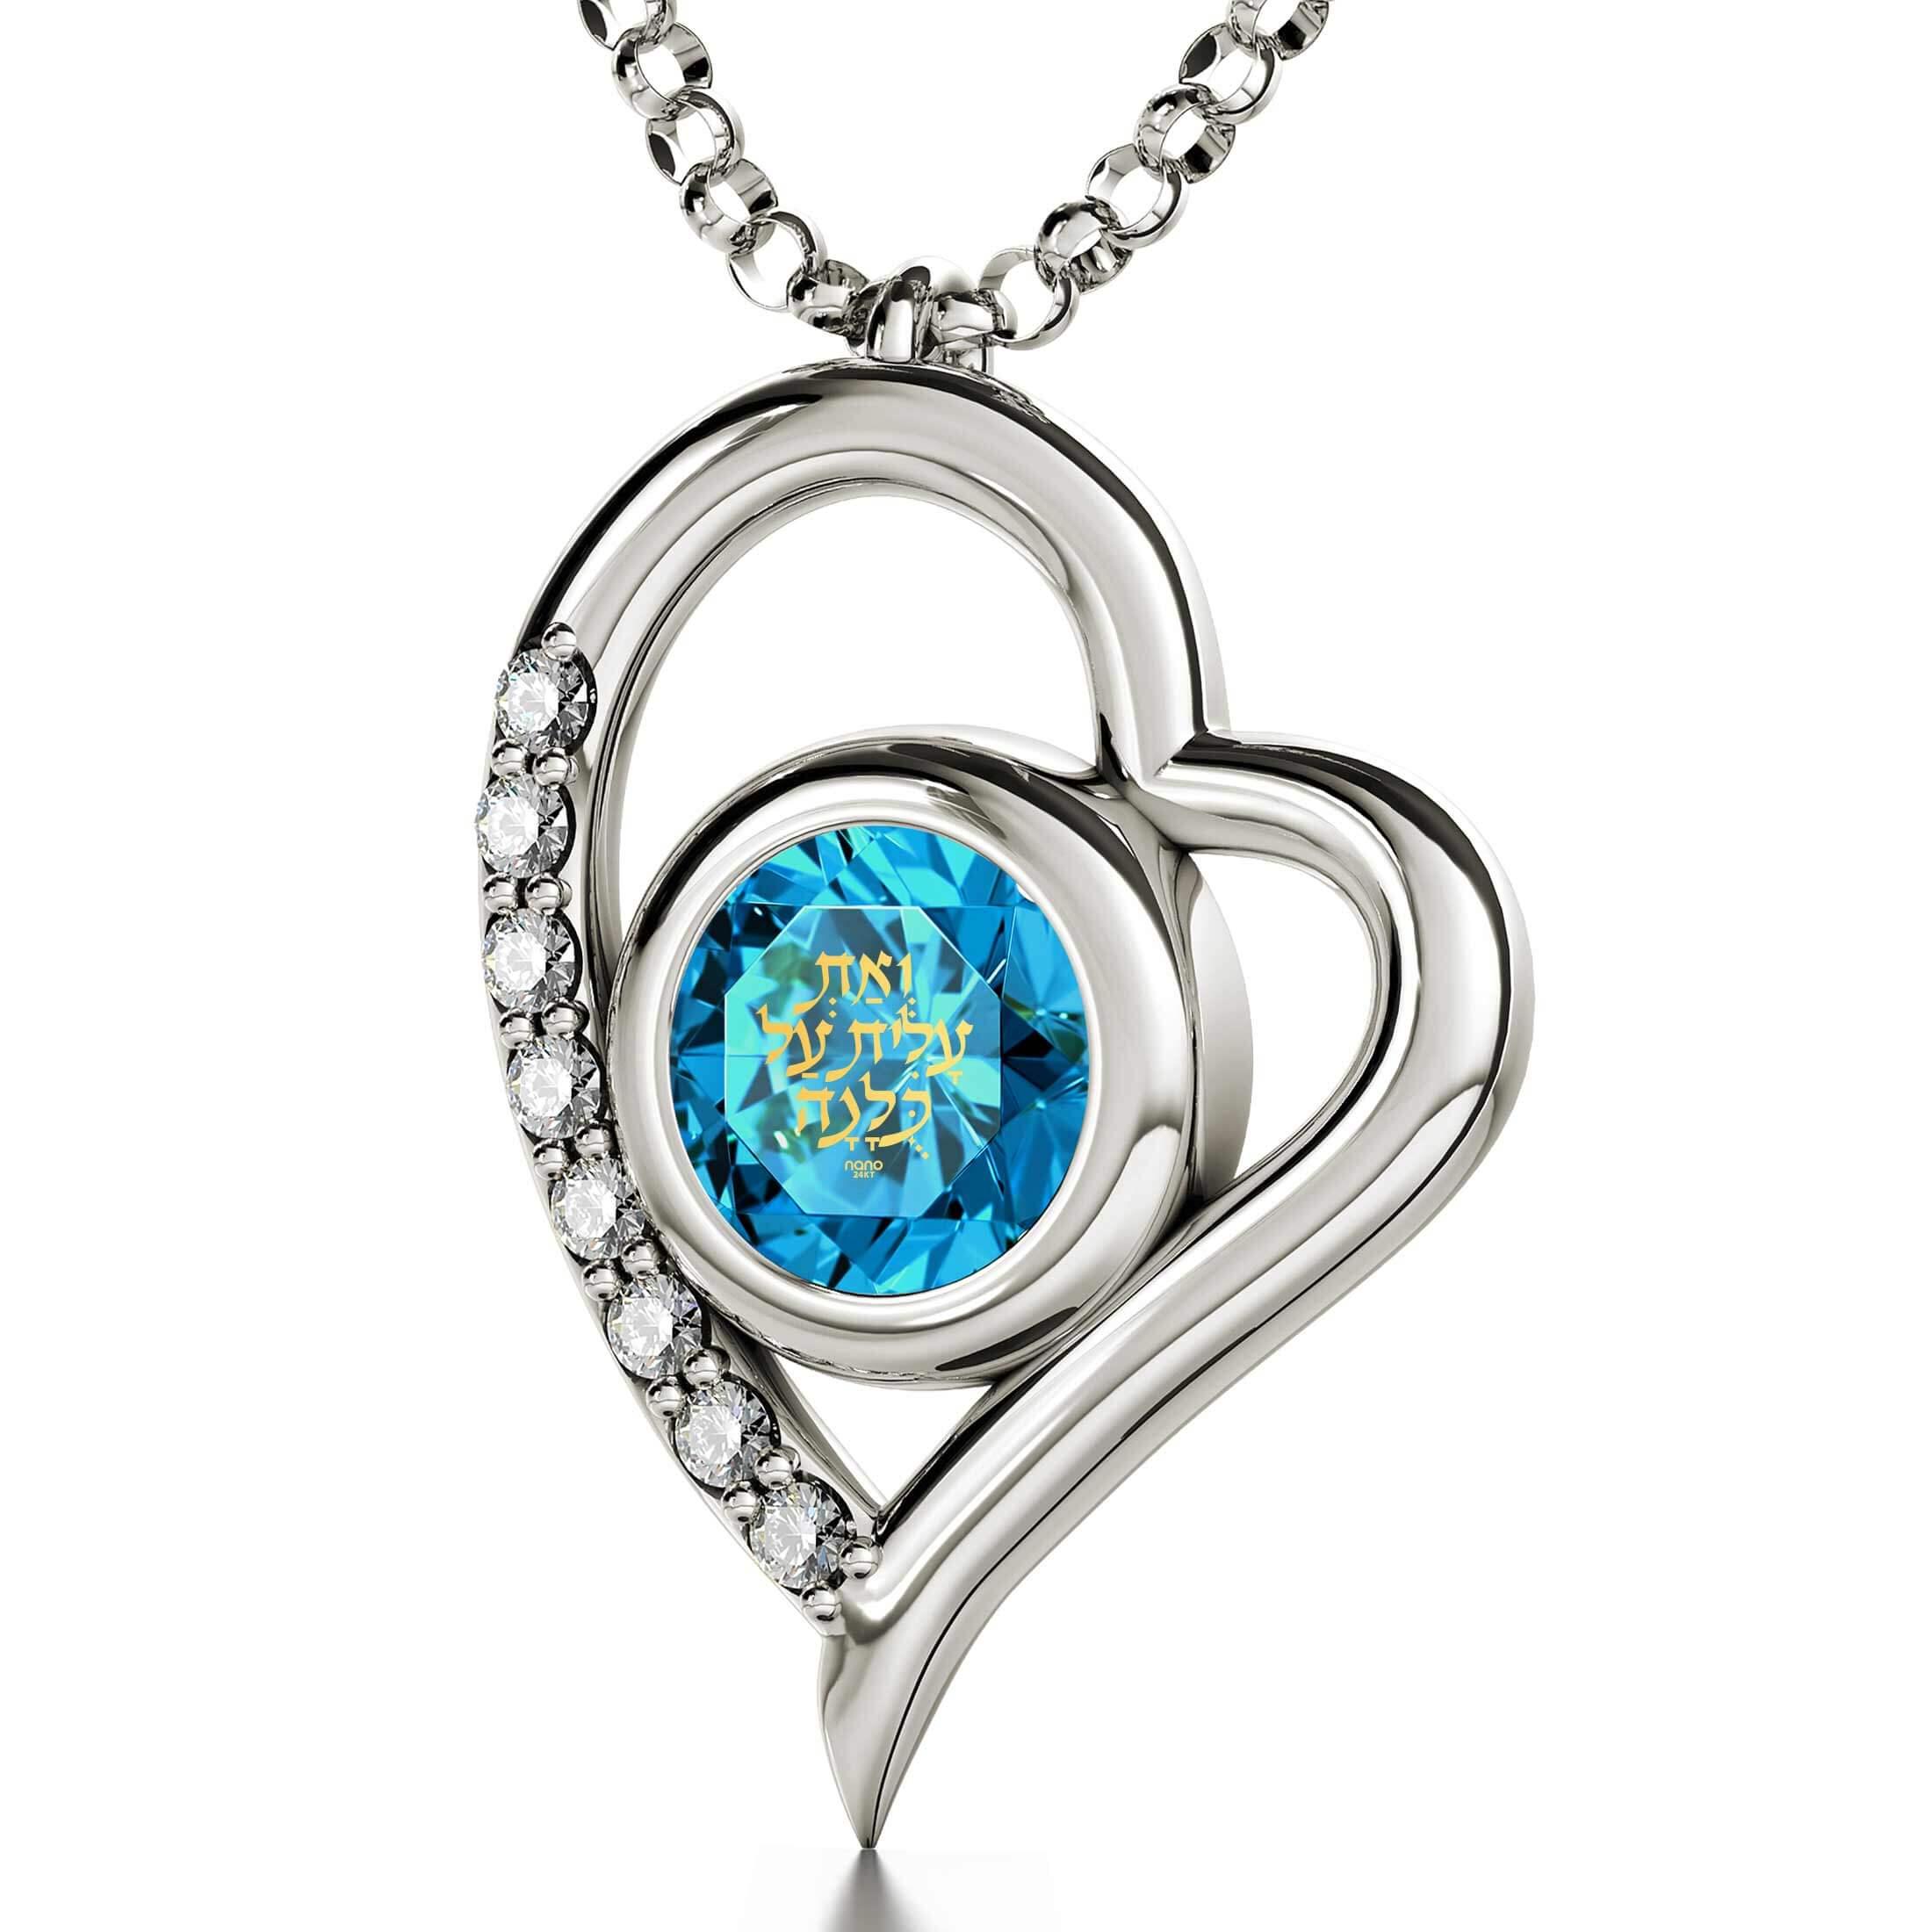 מותג התכשיטים NANO Jewelry משיק סדרת תליונים . סקירה דוסיז צרכנות